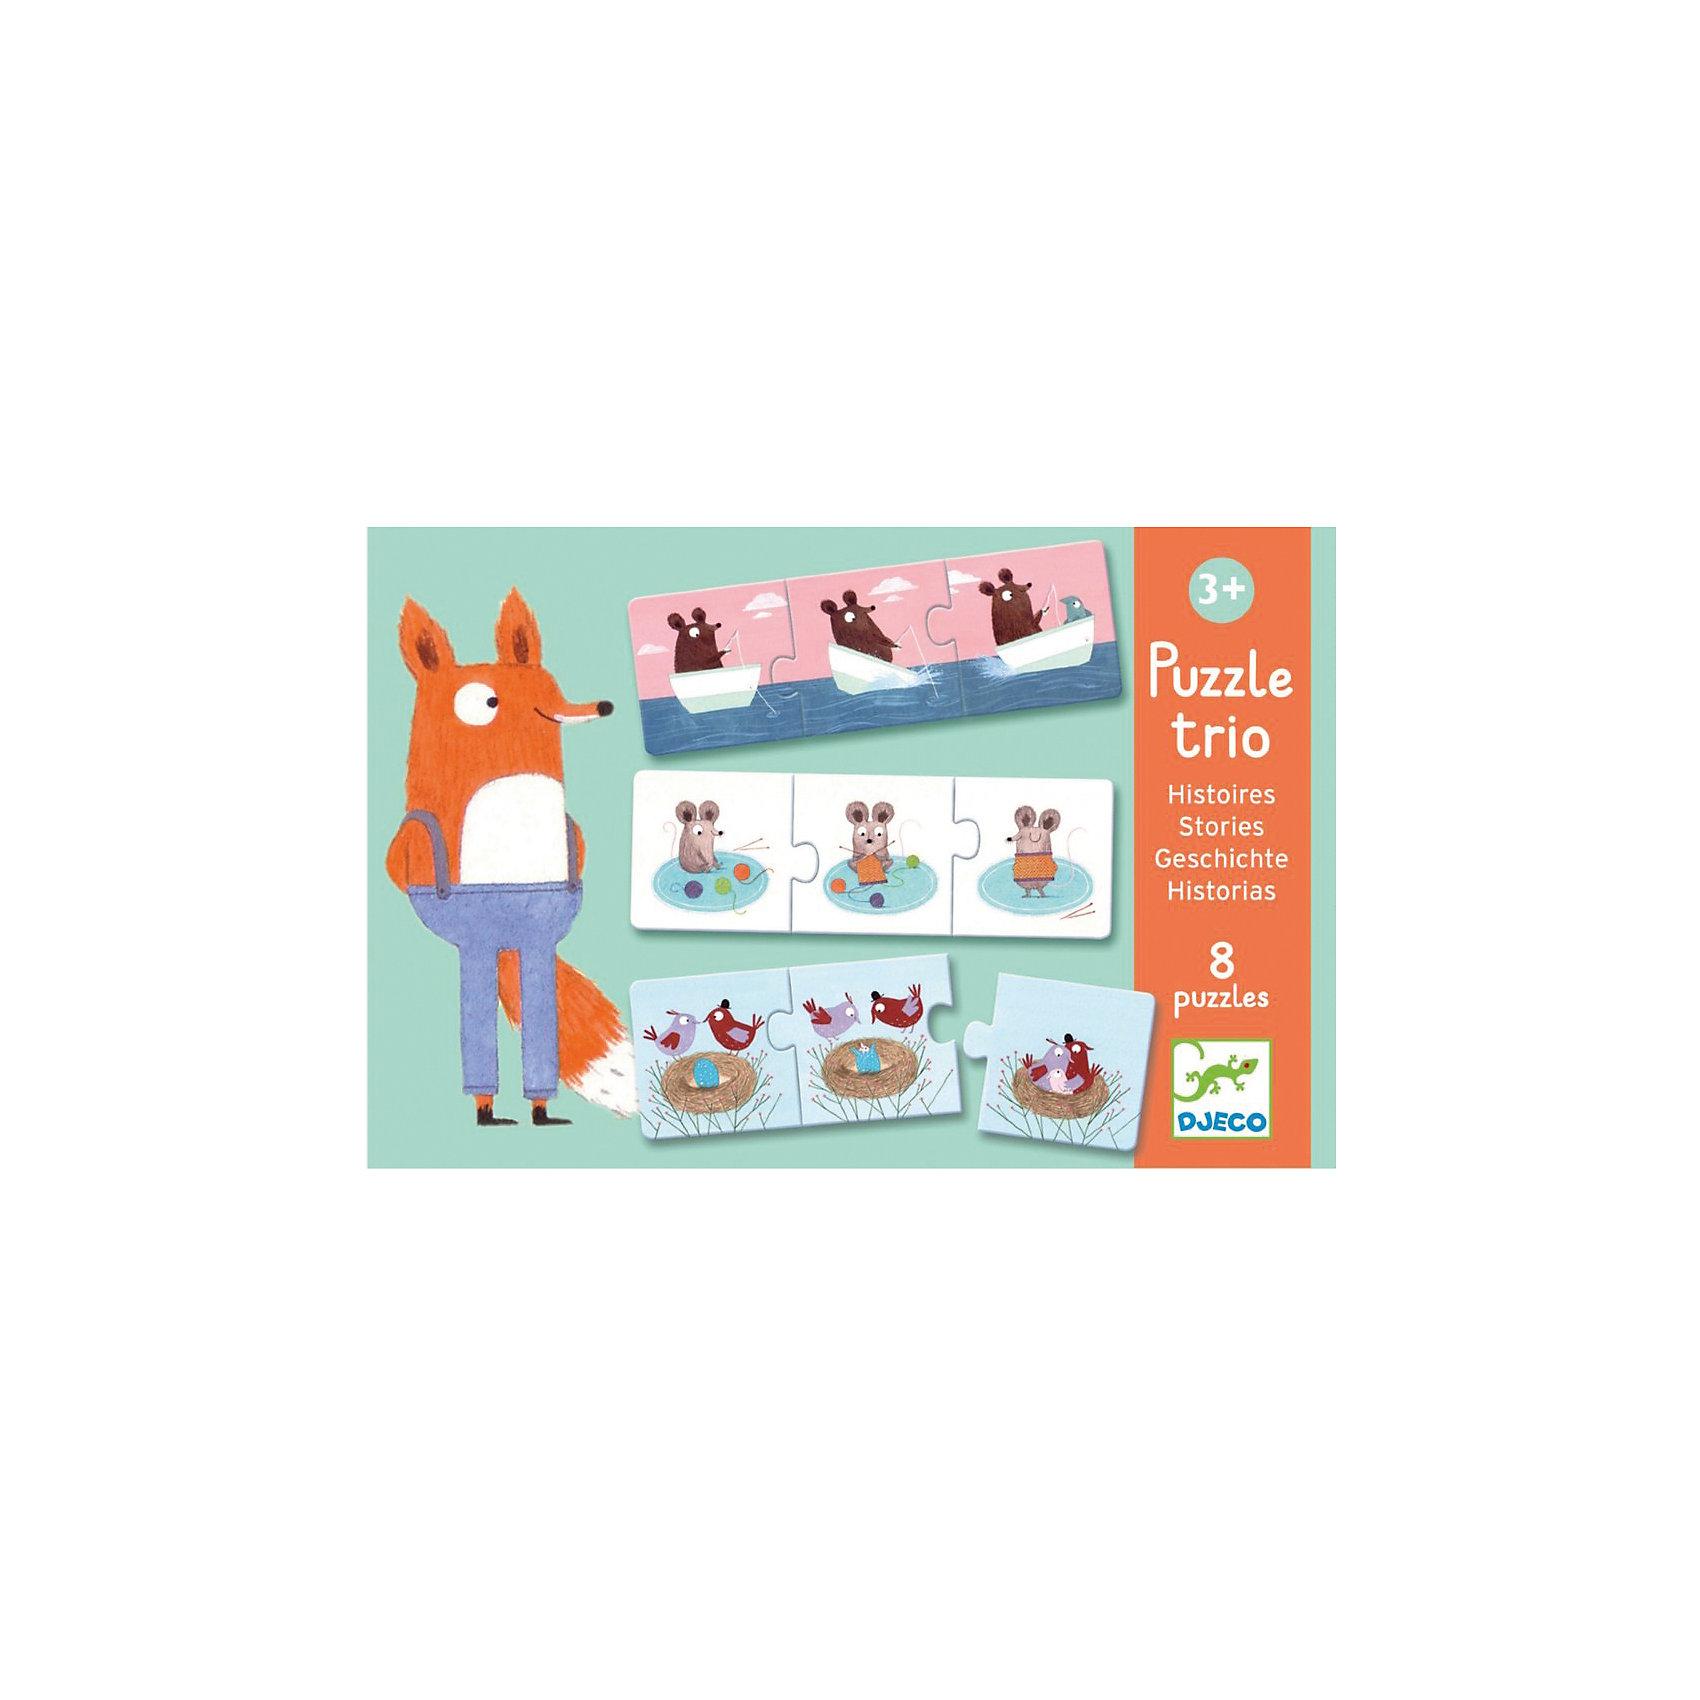 Настольная игра Истории, DJECOУвлекательная настольная игра Истории, Djeco (Джеко) - идеальный вариант для совместного времяпрепровождения с ребенком или для детского праздника. В комплекте 24 красочные детали, из которых малышу предлагается собрать 8 картинок-пазлов, соответствующих друг другу по форме, рисунку и содержанию. К собранной картинке нужно придумать и рассказать историю. Все детали изготовлены из высококачественных материалов и покрыты безопасными красками. Игра развивает логическое и творческое мышление, сообразительность и внимательность.<br><br>Дополнительная информация:<br><br>- В комплекте: 24 детали.<br>- Материал: многослойный картон.<br>- Размер упаковки: 18 х 12 х 6 см.<br><br>Настольную игру Истории, Djeco (Джеко), можно купить в нашем интернет-магазине.<br><br>Ширина мм: 60<br>Глубина мм: 280<br>Высота мм: 10<br>Вес г: 370<br>Возраст от месяцев: 36<br>Возраст до месяцев: 72<br>Пол: Унисекс<br>Возраст: Детский<br>SKU: 4215038